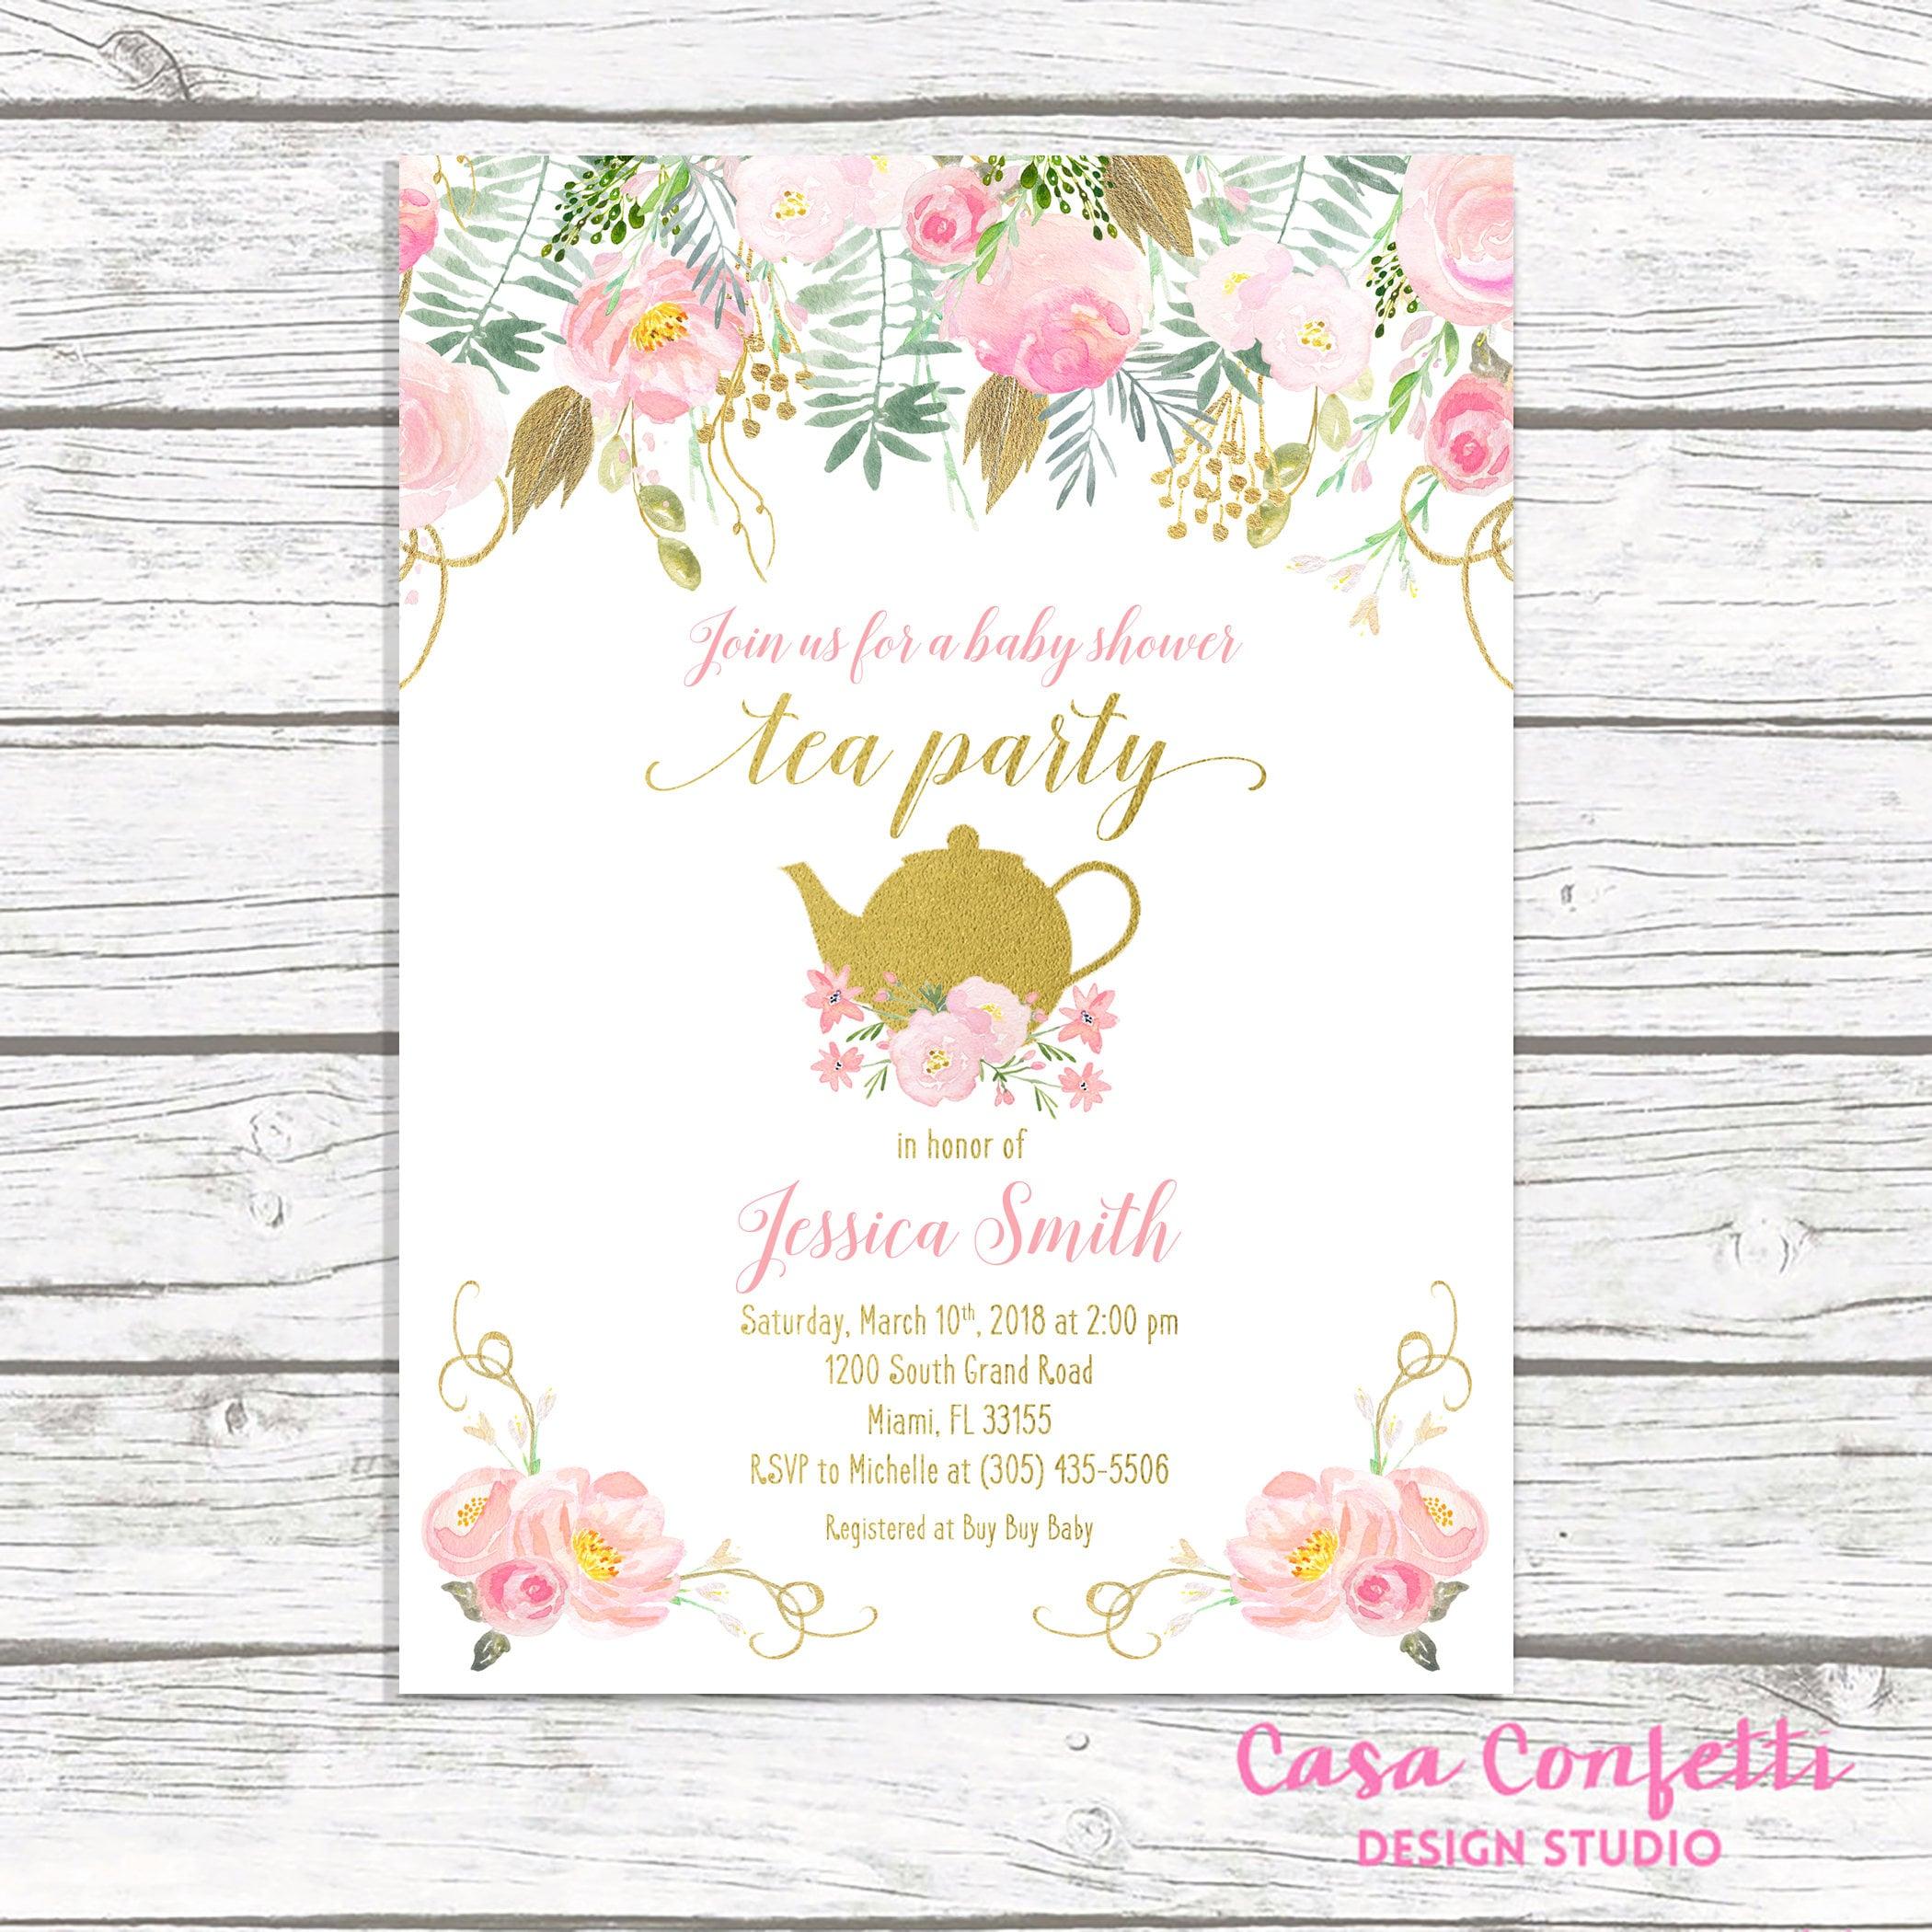 Tea Party Baby Shower Invitation, Tea Party Invitation, Baby ...